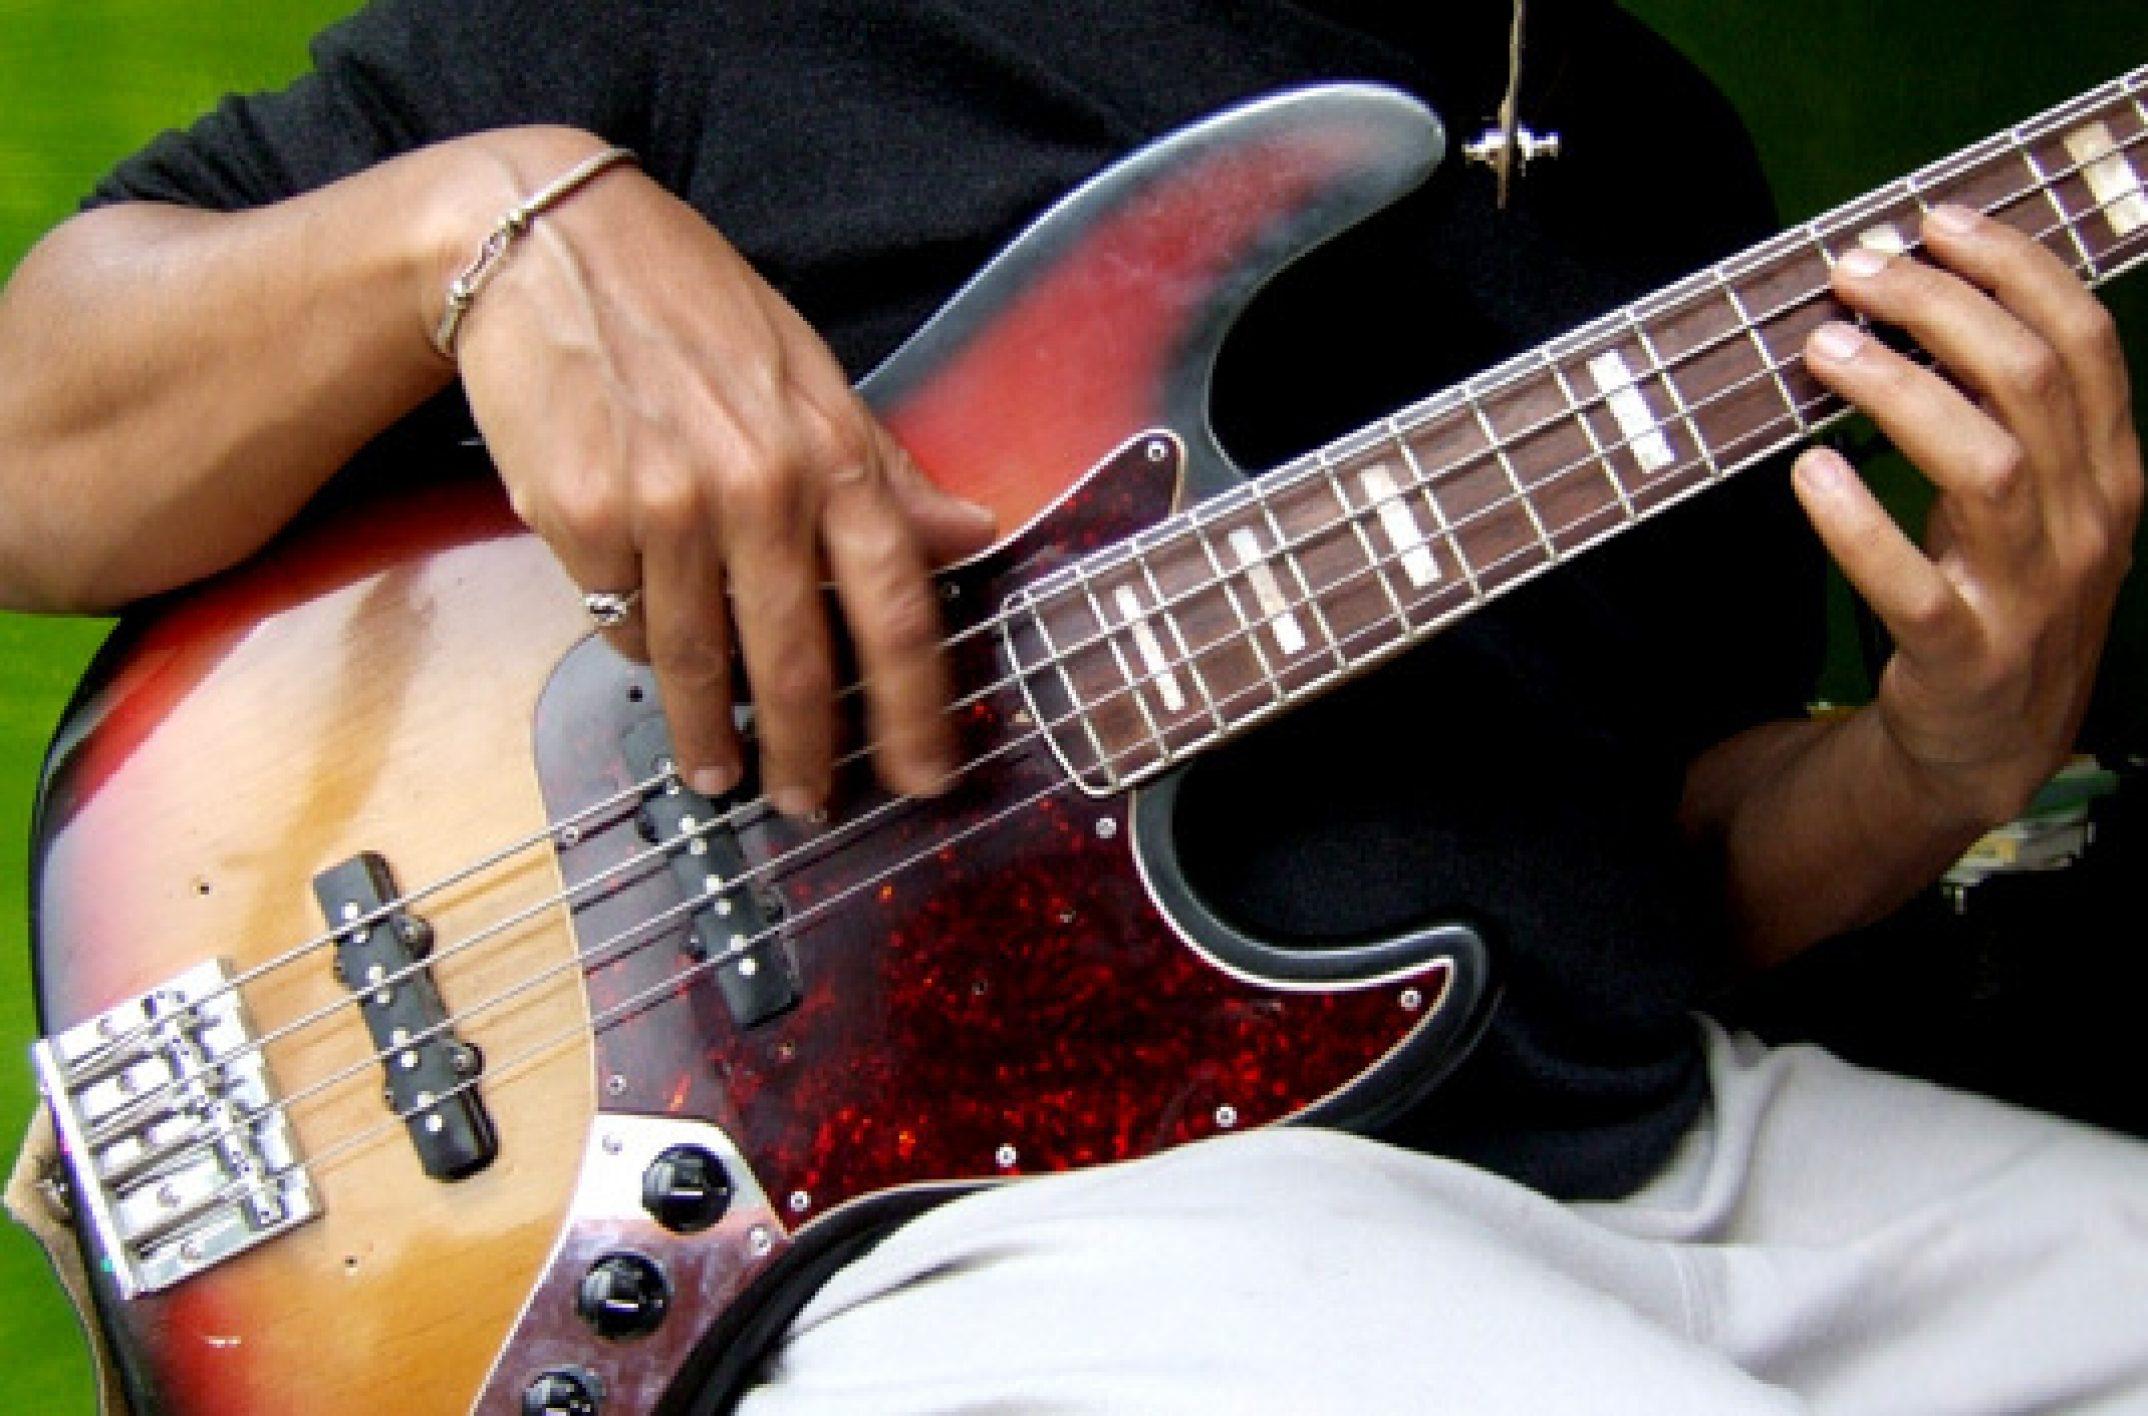 Choisir la bonne guitare pour débuter